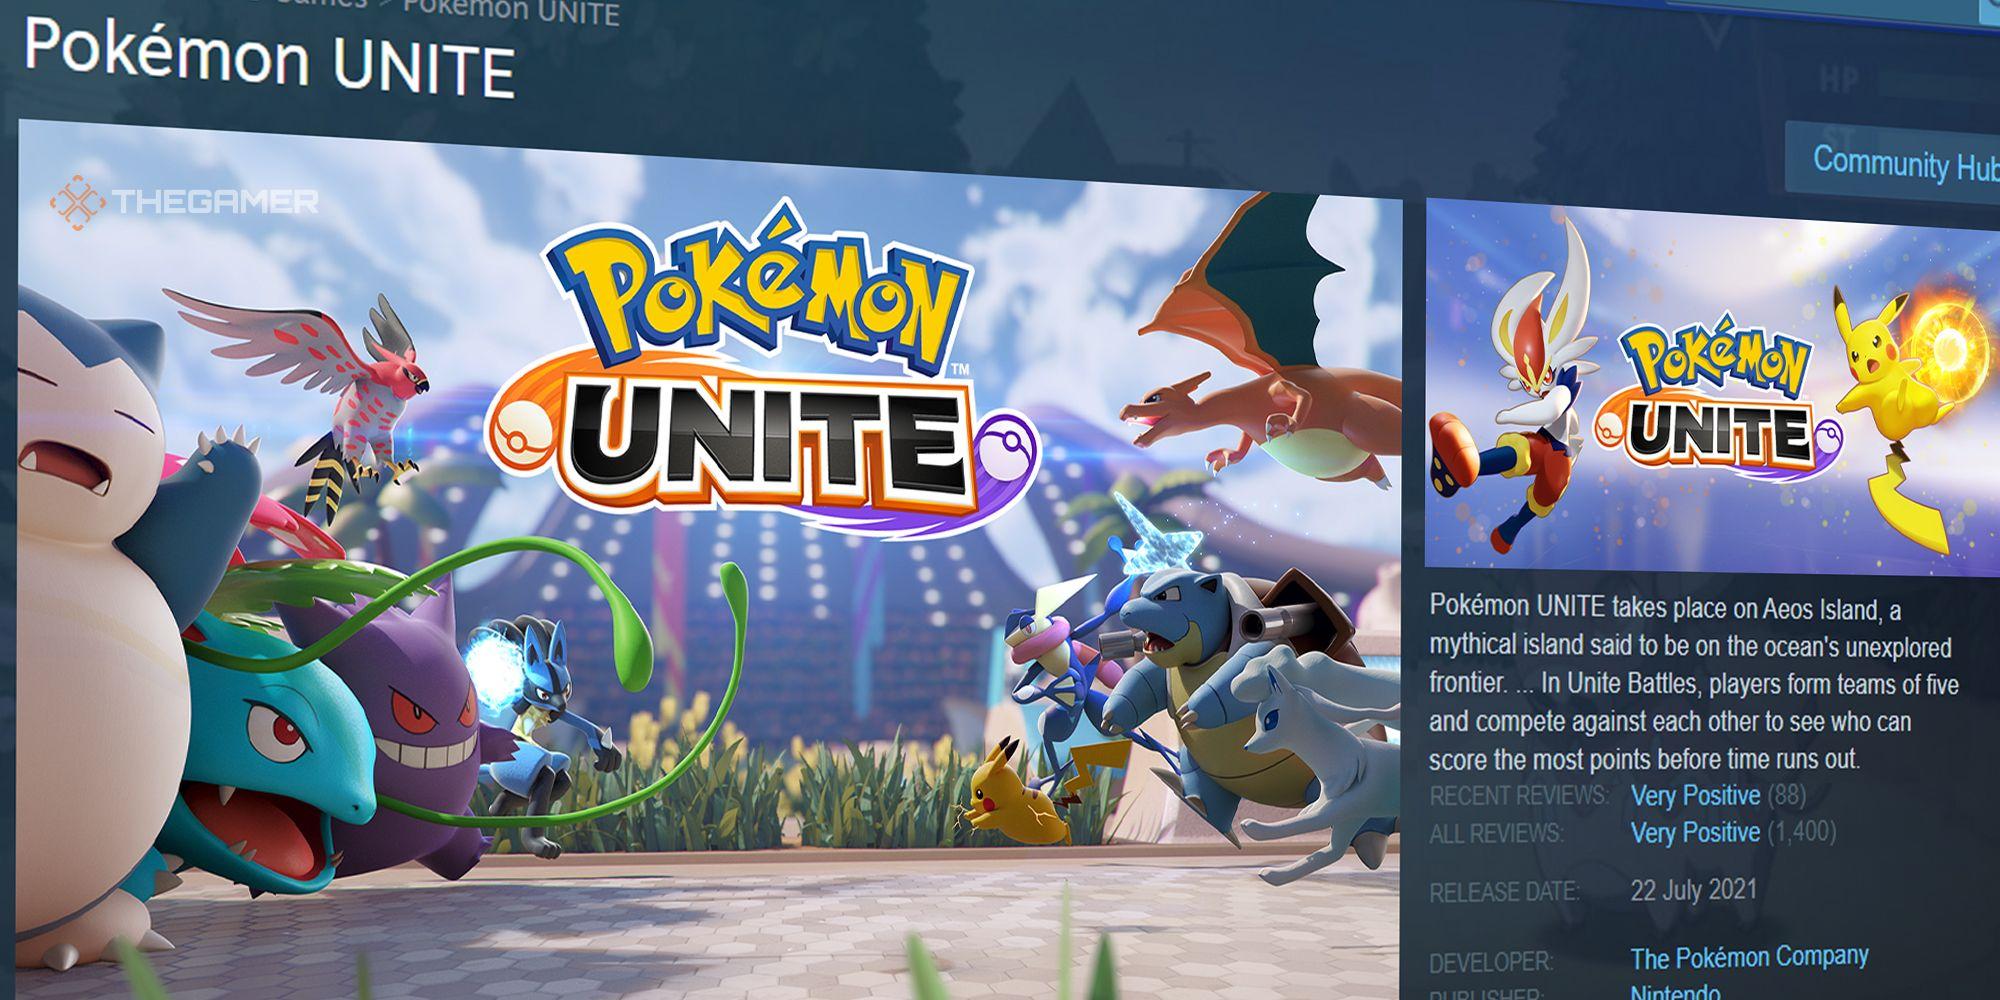 ¿Está Pokemon Unite en PC?